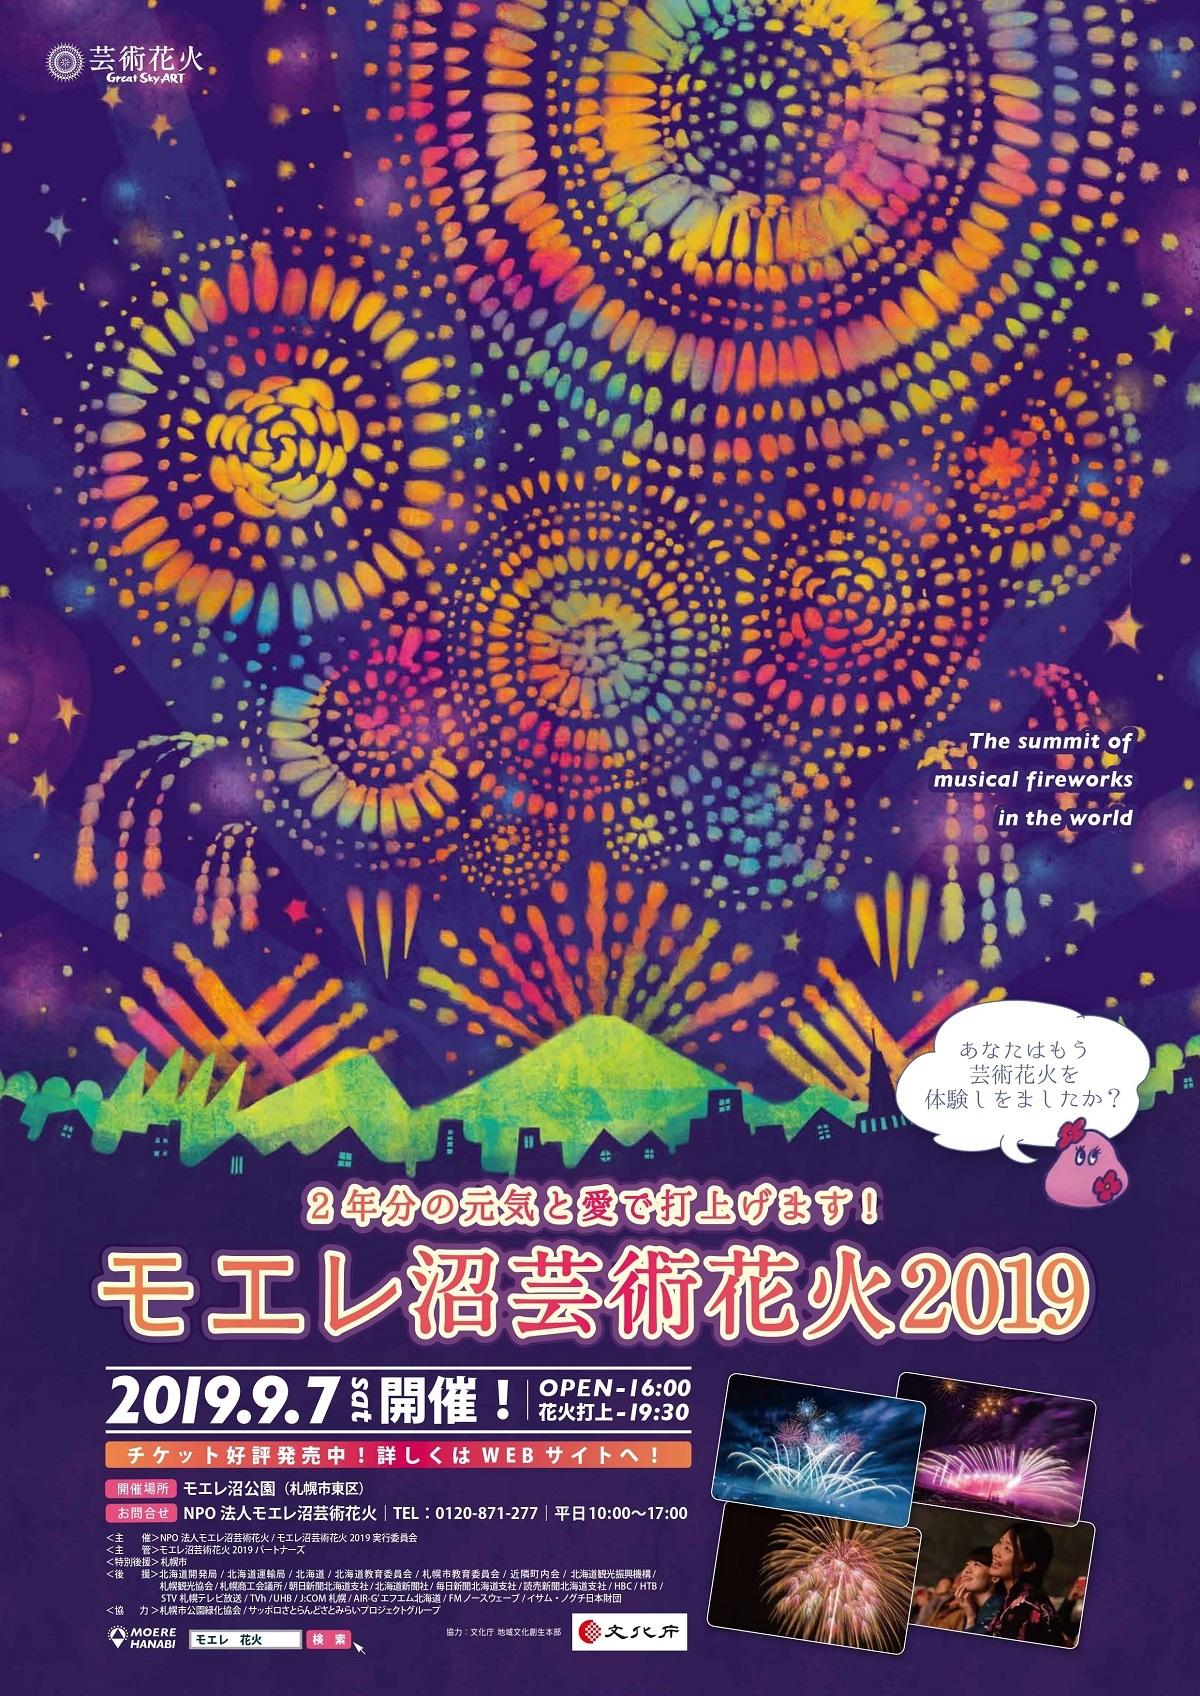 『モエレ沼芸術花火2019』